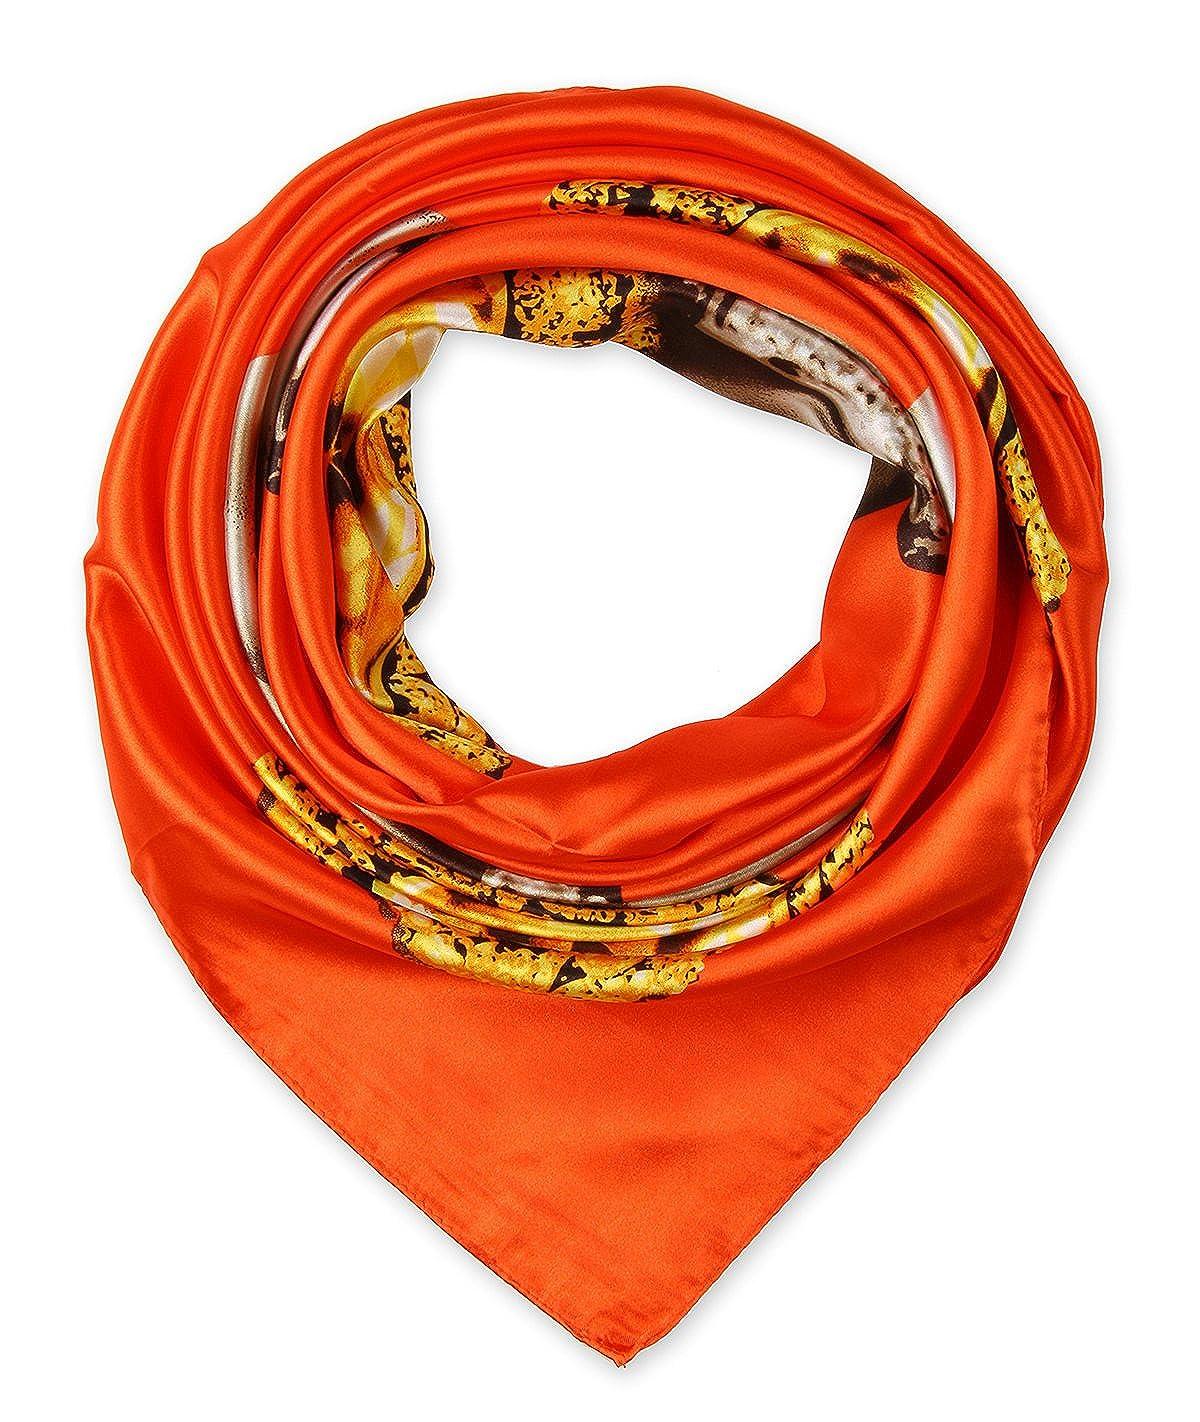 corciova élégant femme Carré Large Cheveux Sensation Satin en soie écharpe  foulard 88,9 x 88,9 cm - orange - Taille Unique  Amazon.fr  Vêtements et ... be0be011679